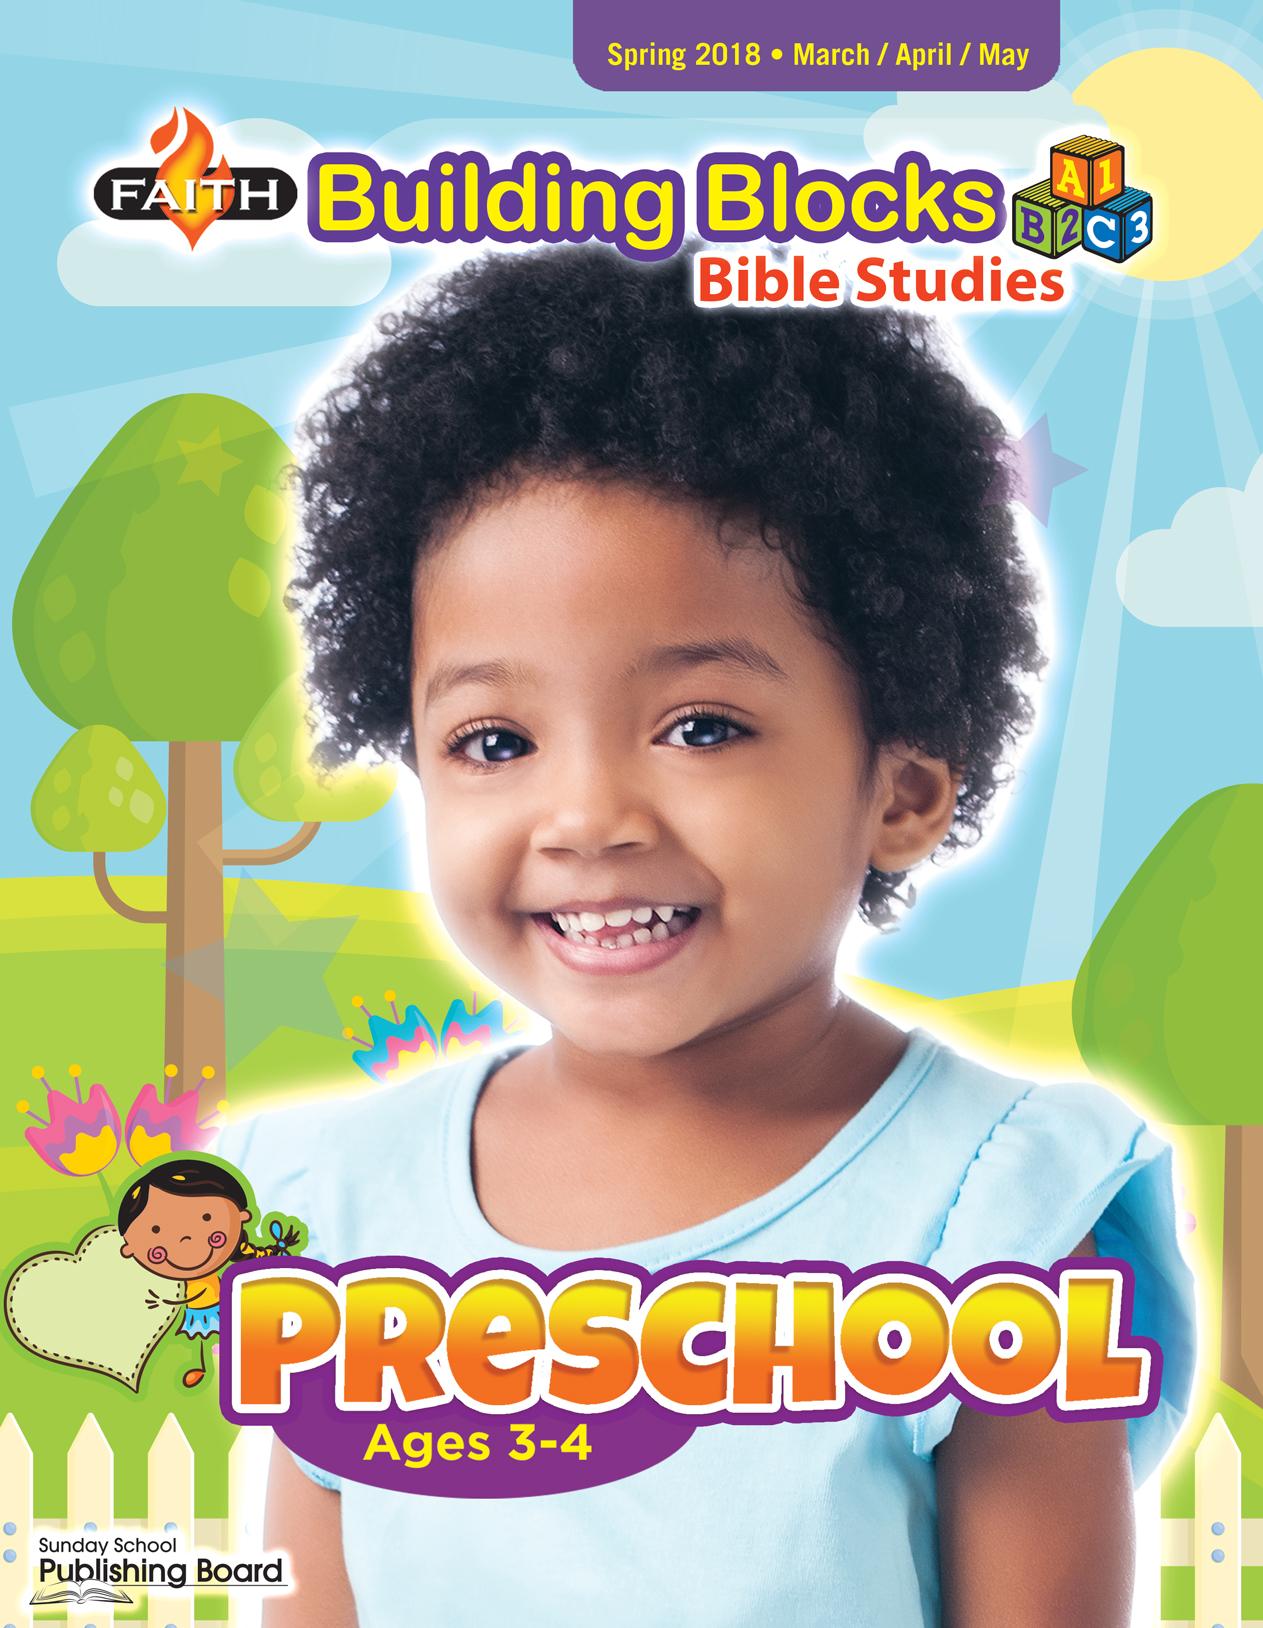 Faith Building Blocks Bible Stu S Preschool Ages 3 4